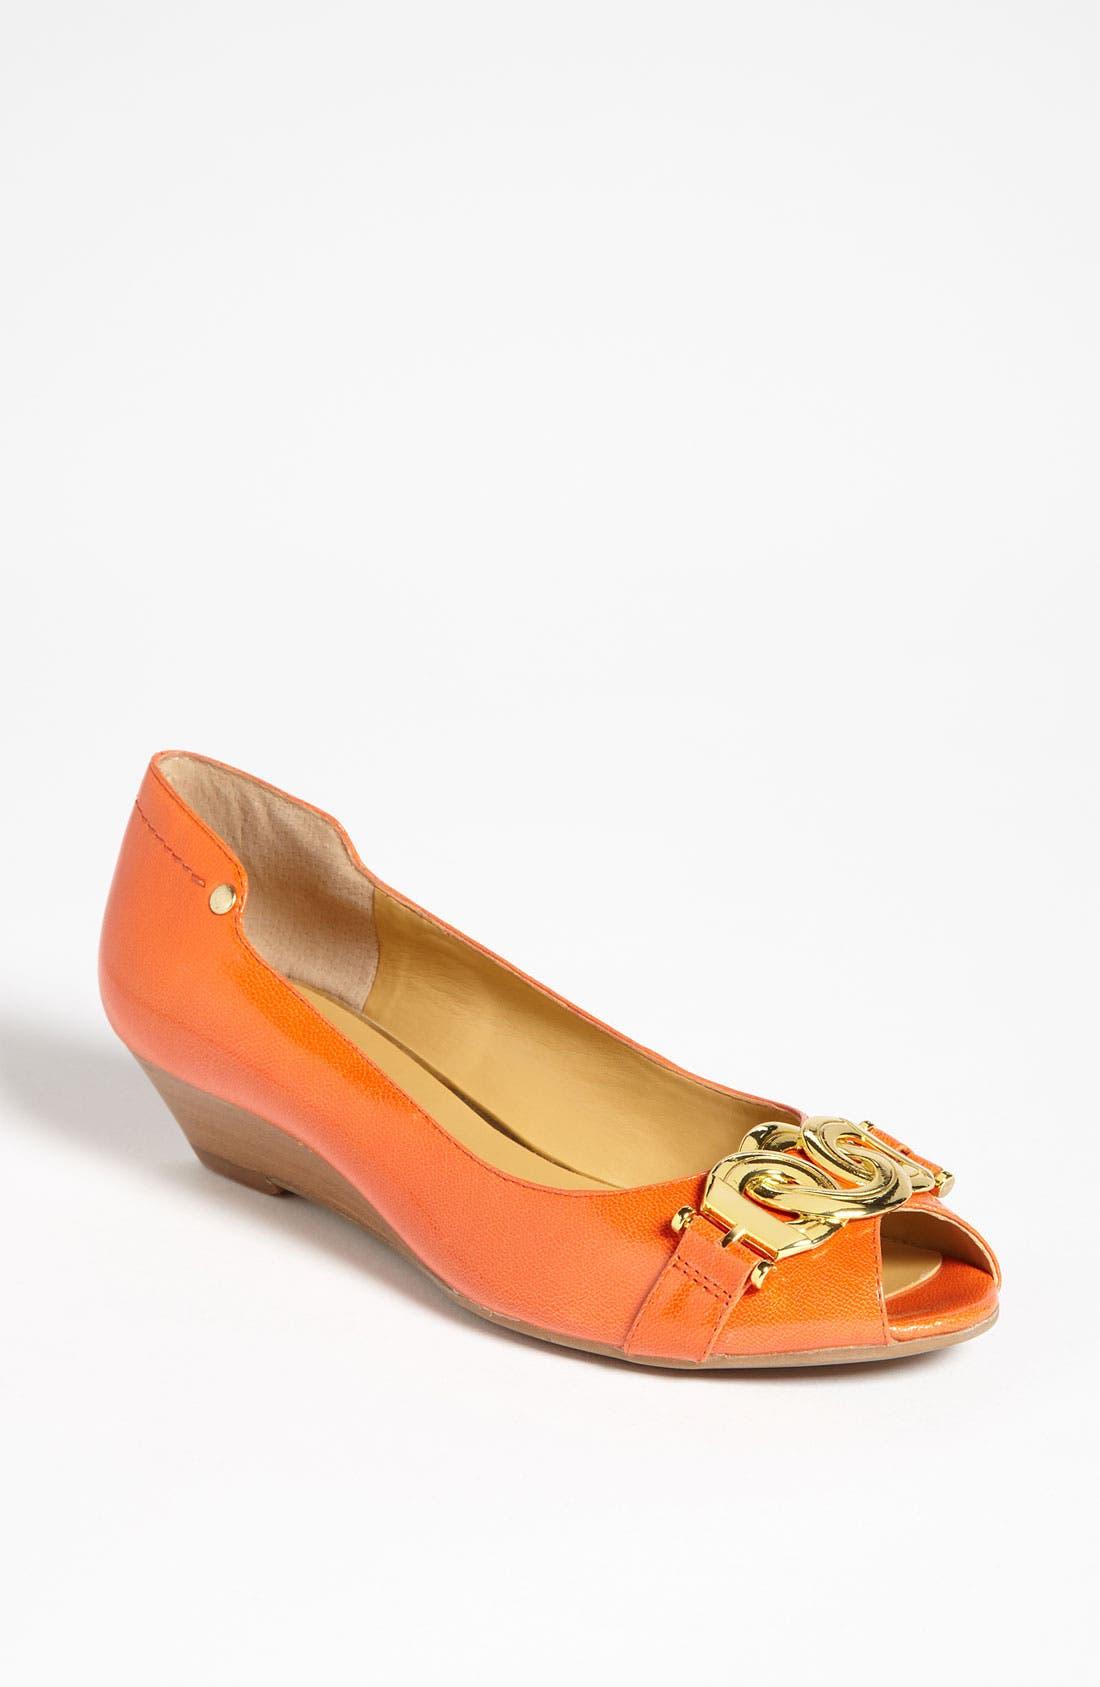 Main Image - Nine West 'Melikey' Sandal